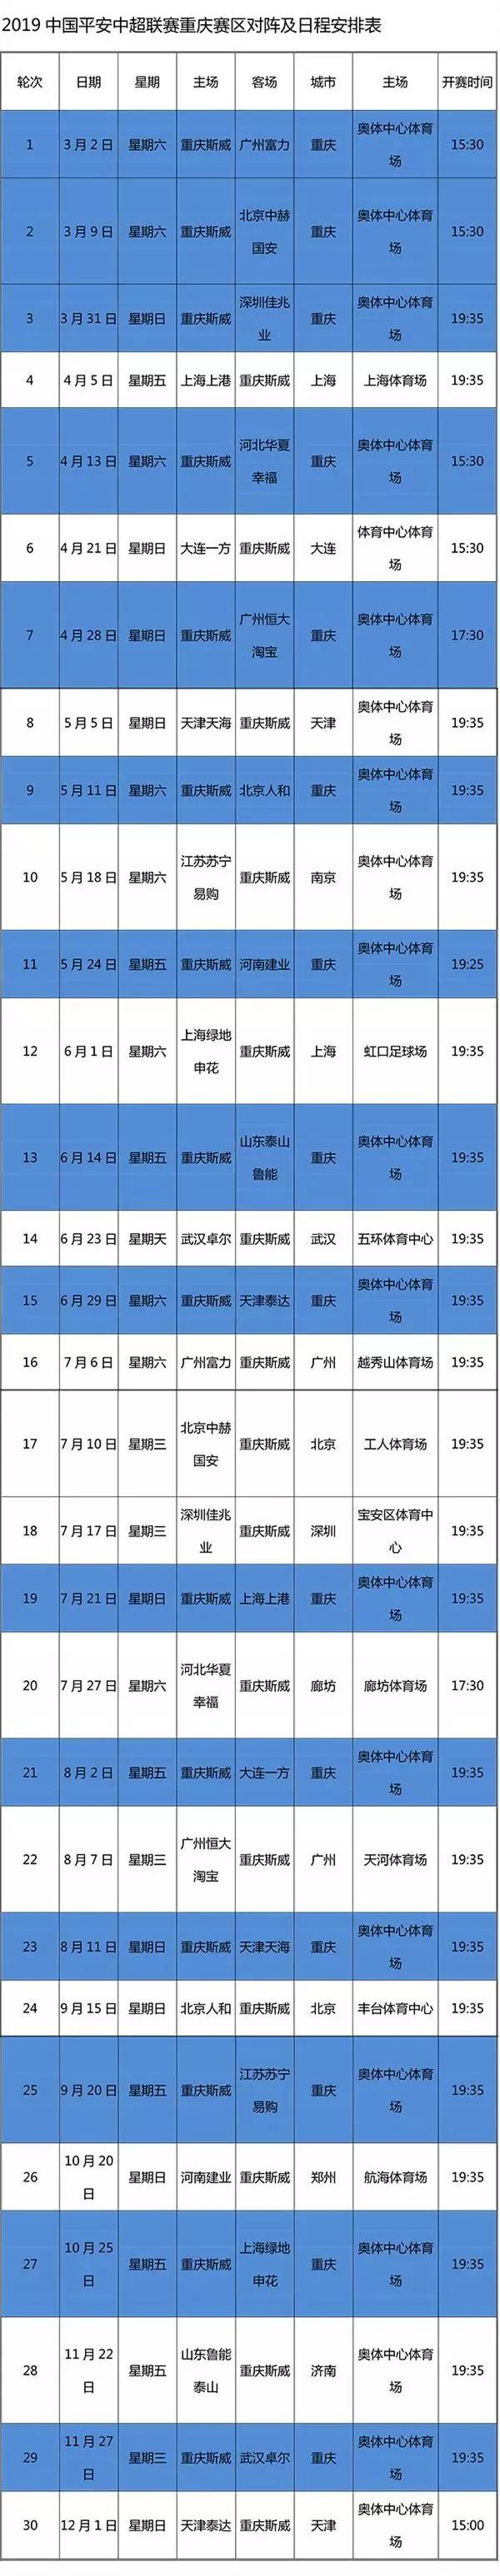 2019赛季重庆斯威VS河北华夏幸福比赛时间